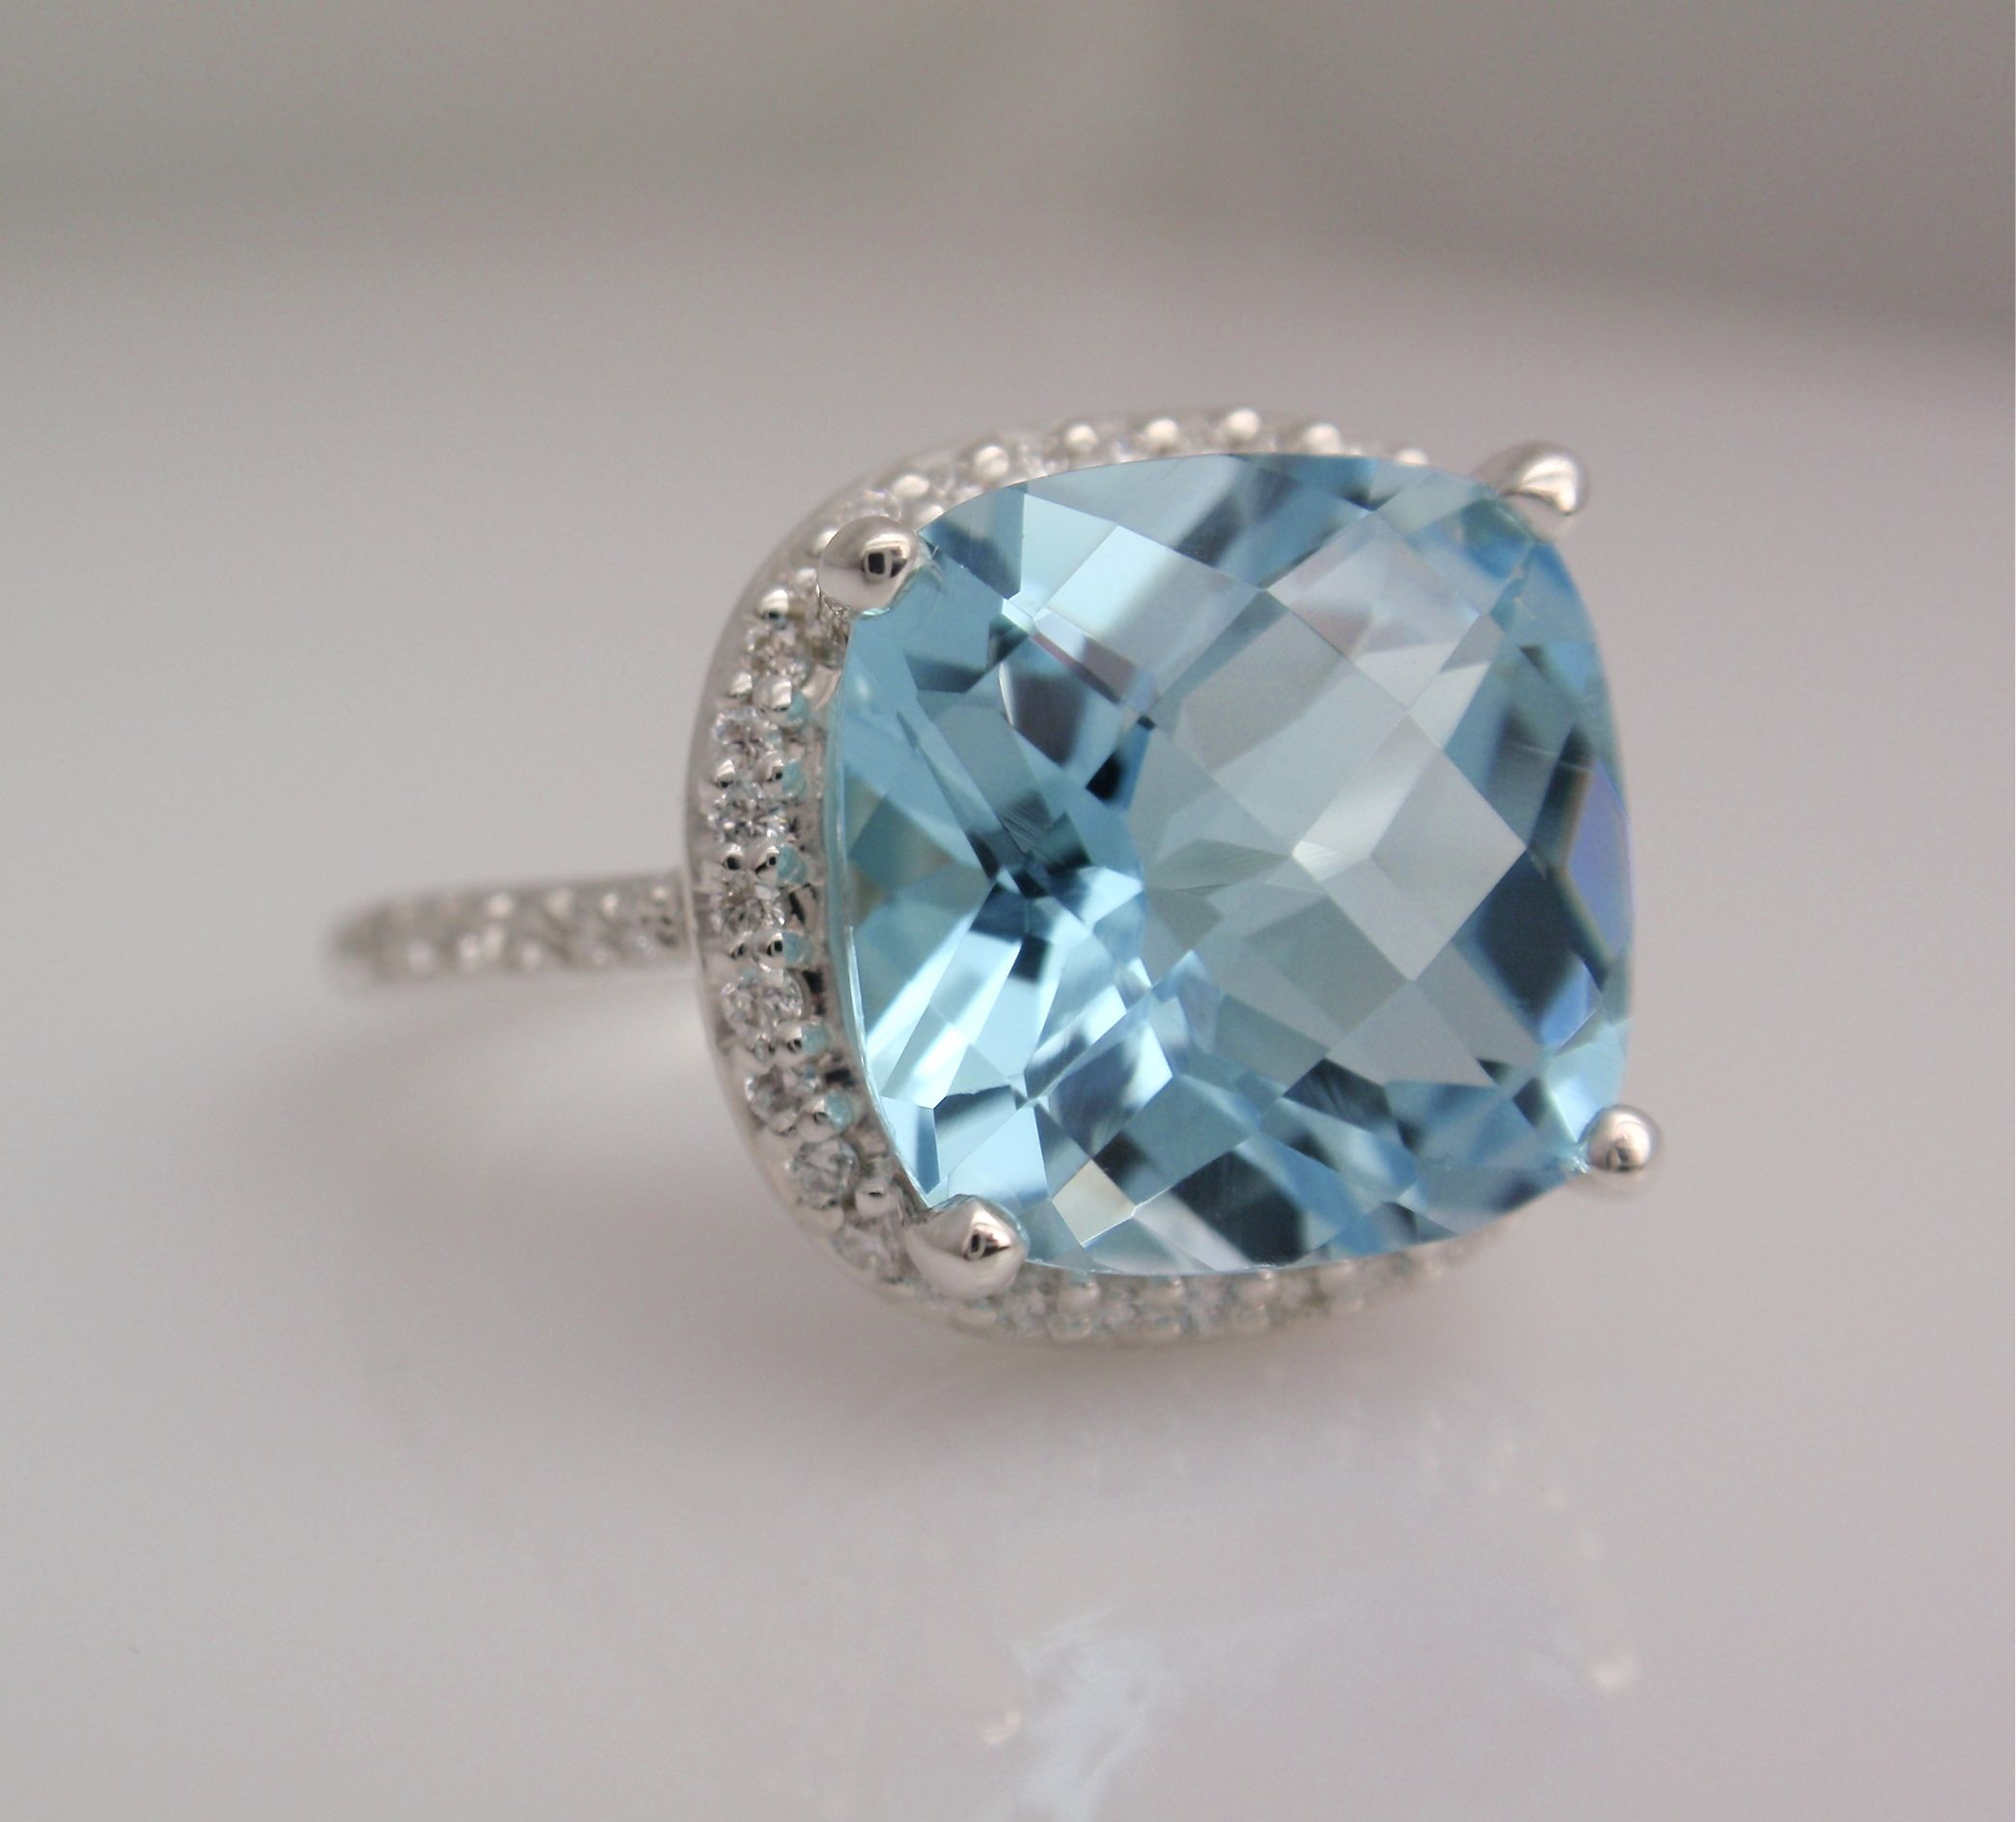 Swiss Blue Topaz ring by Ring Finger Studio